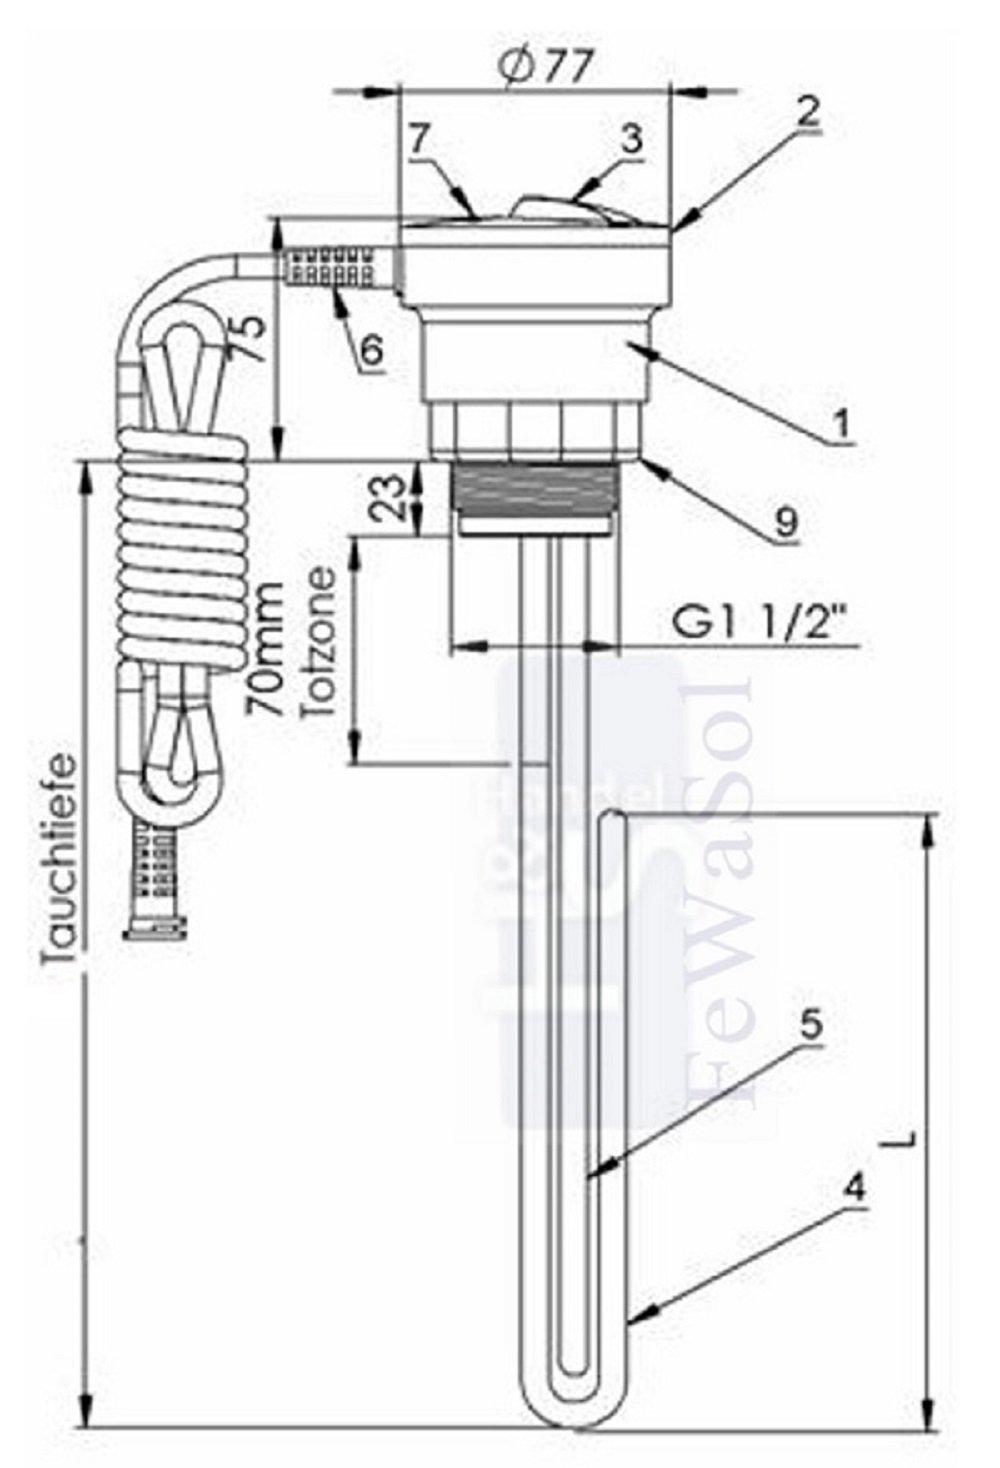 Elektro Heizpatrone EJK 2 kW Heizpatrone EJK mit isoliertem Heizelement und robustem Einschraubkopf f/ür Brauchwassererw/ärmer